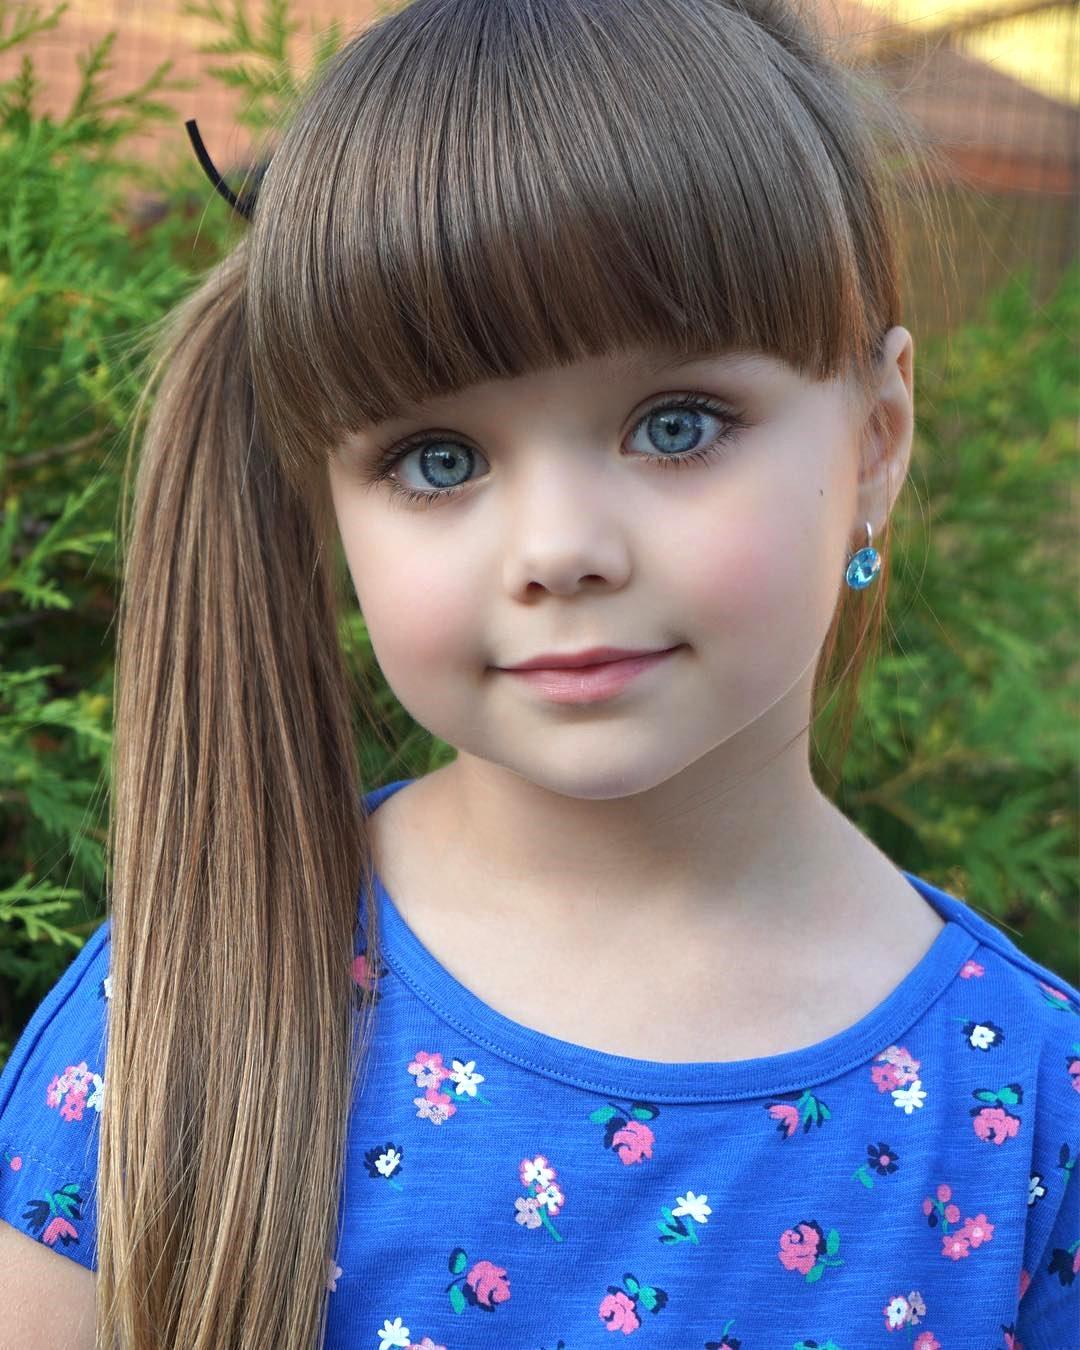 بالصور طفلة جميلة , اجمل البنات فى العالم 2813 3